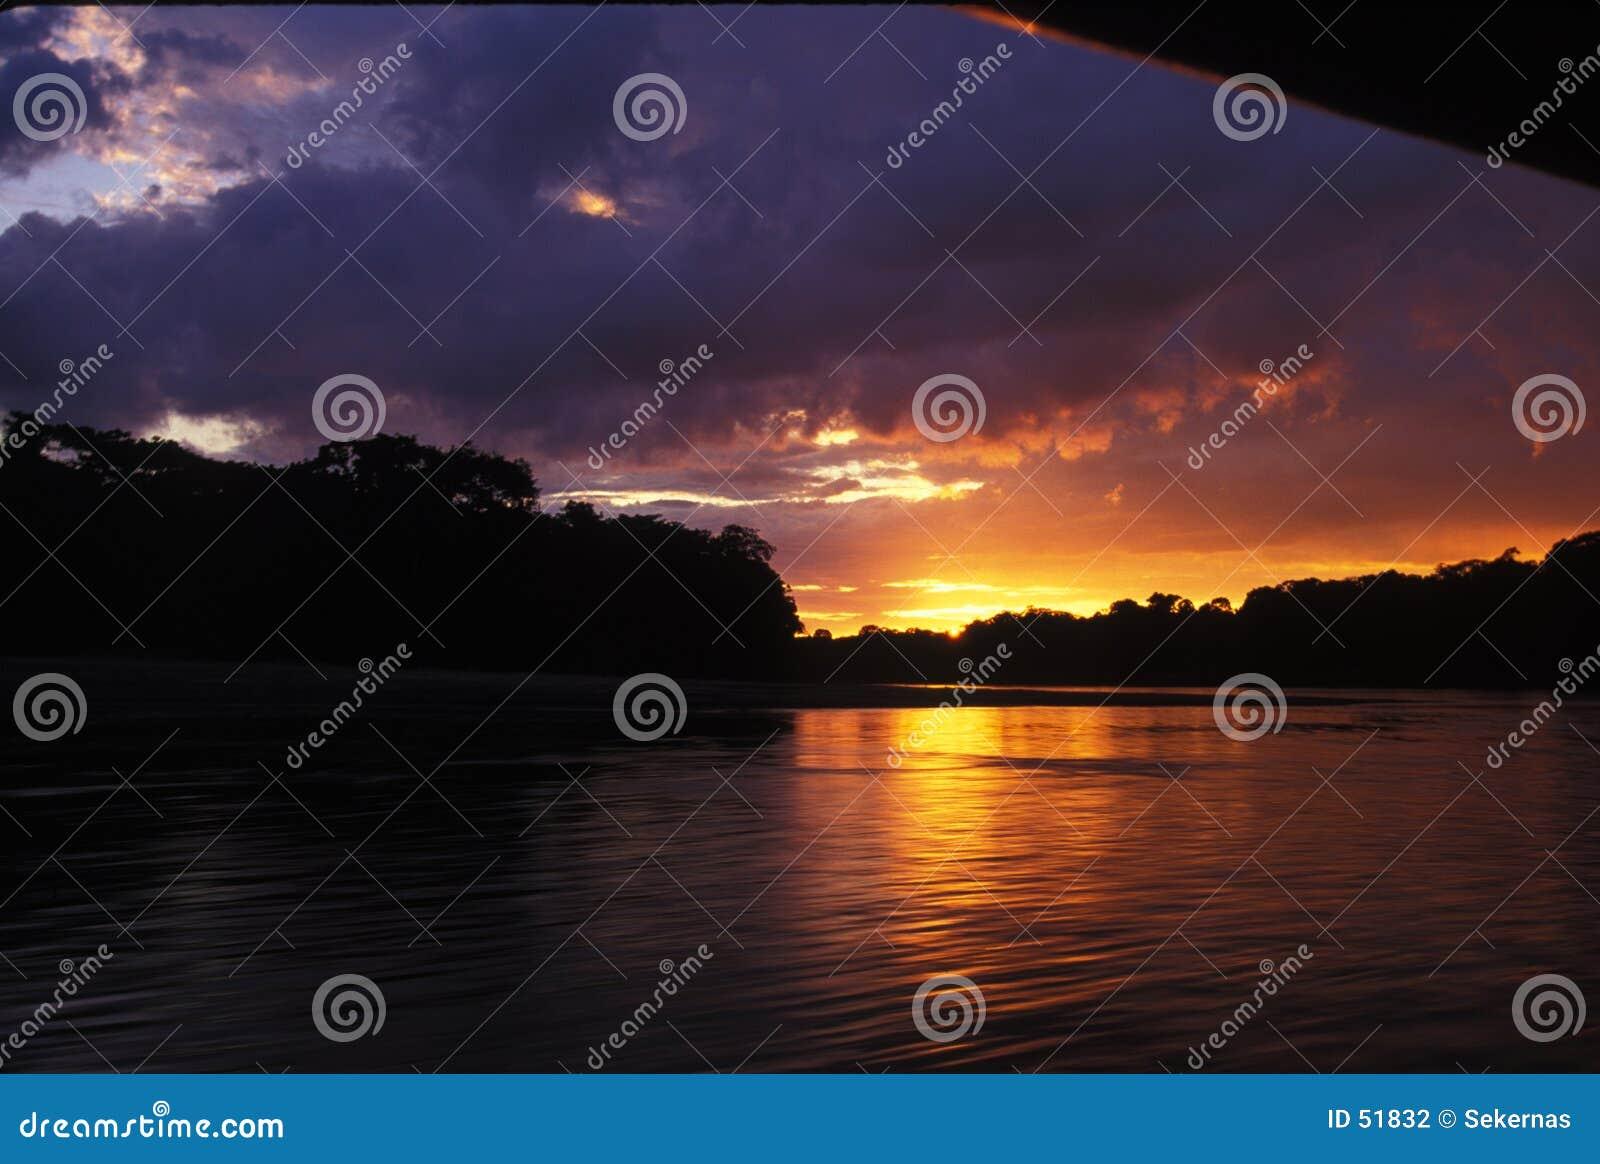 De zonsondergang van de rivier